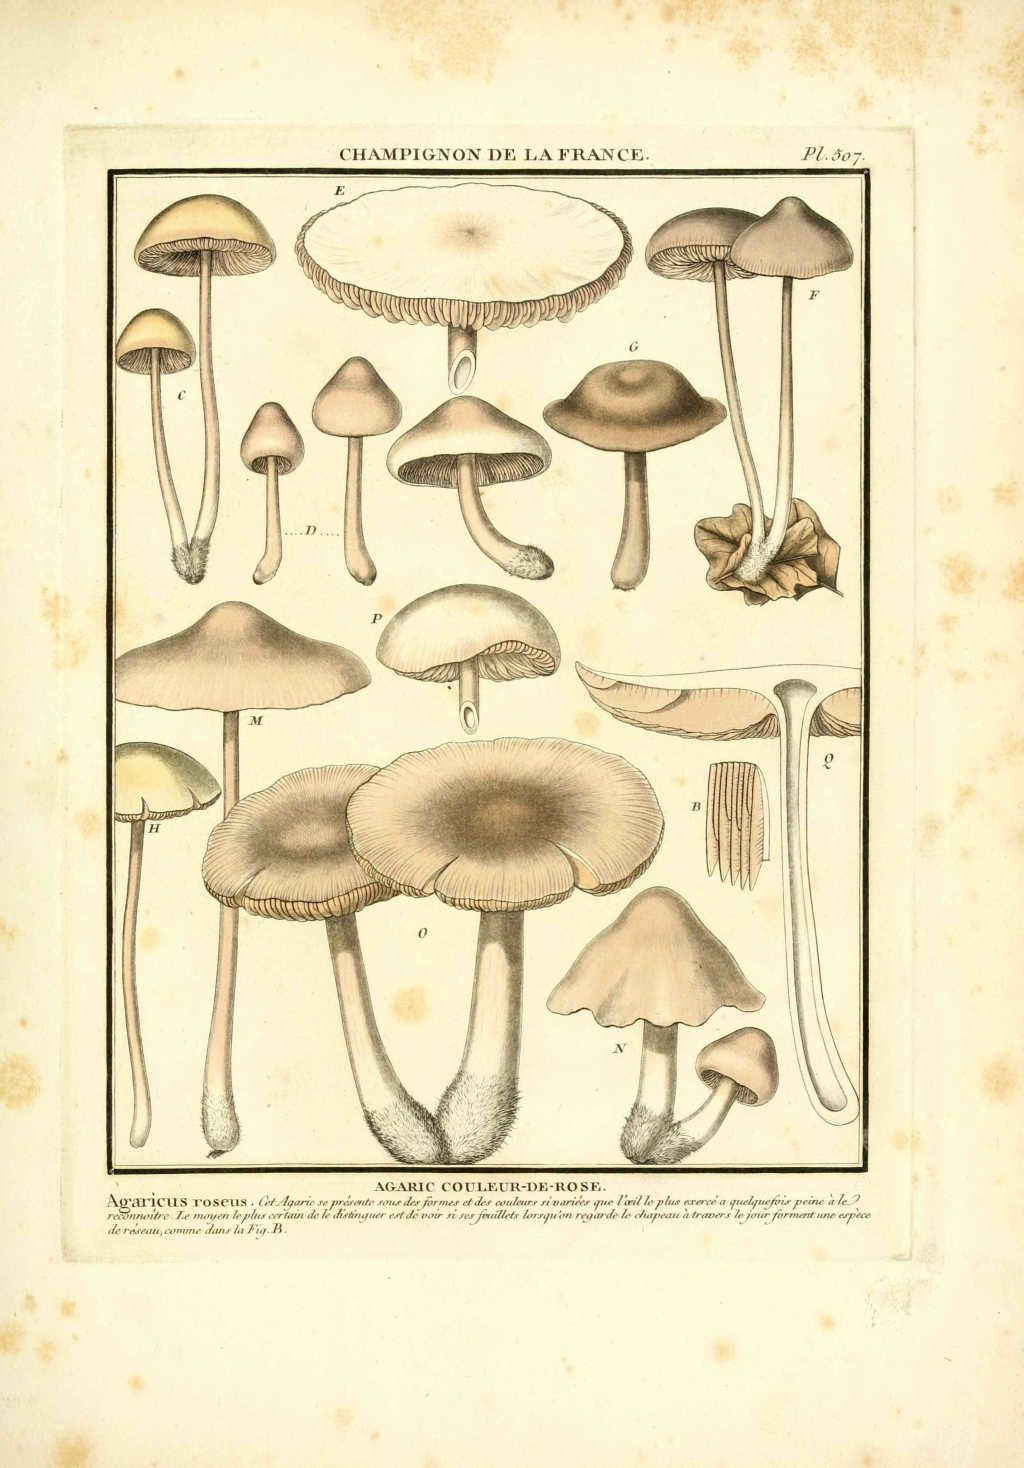 gravure de champignon : agaricus roseus